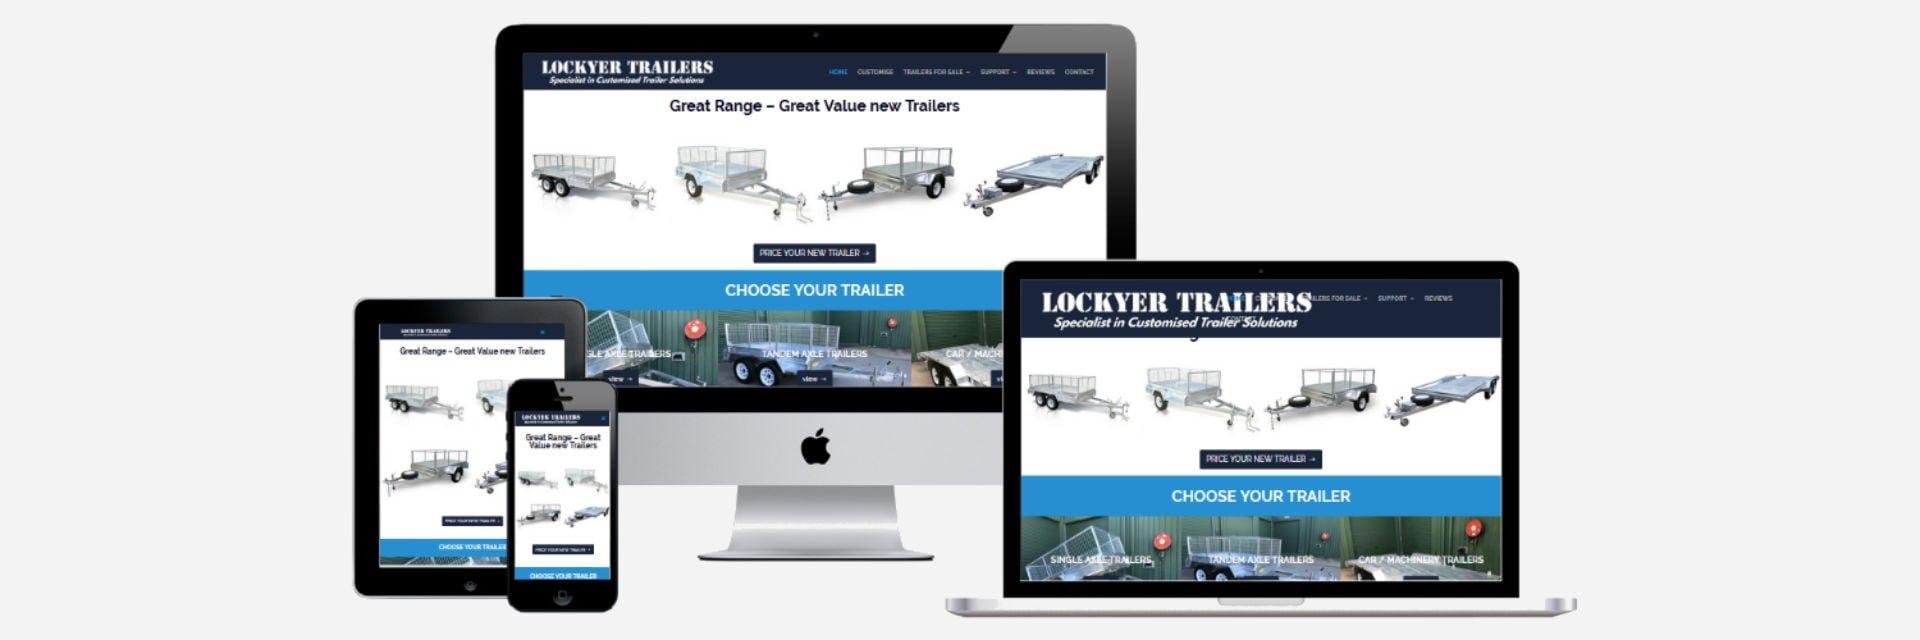 Lockyer Trailers - New Website Design